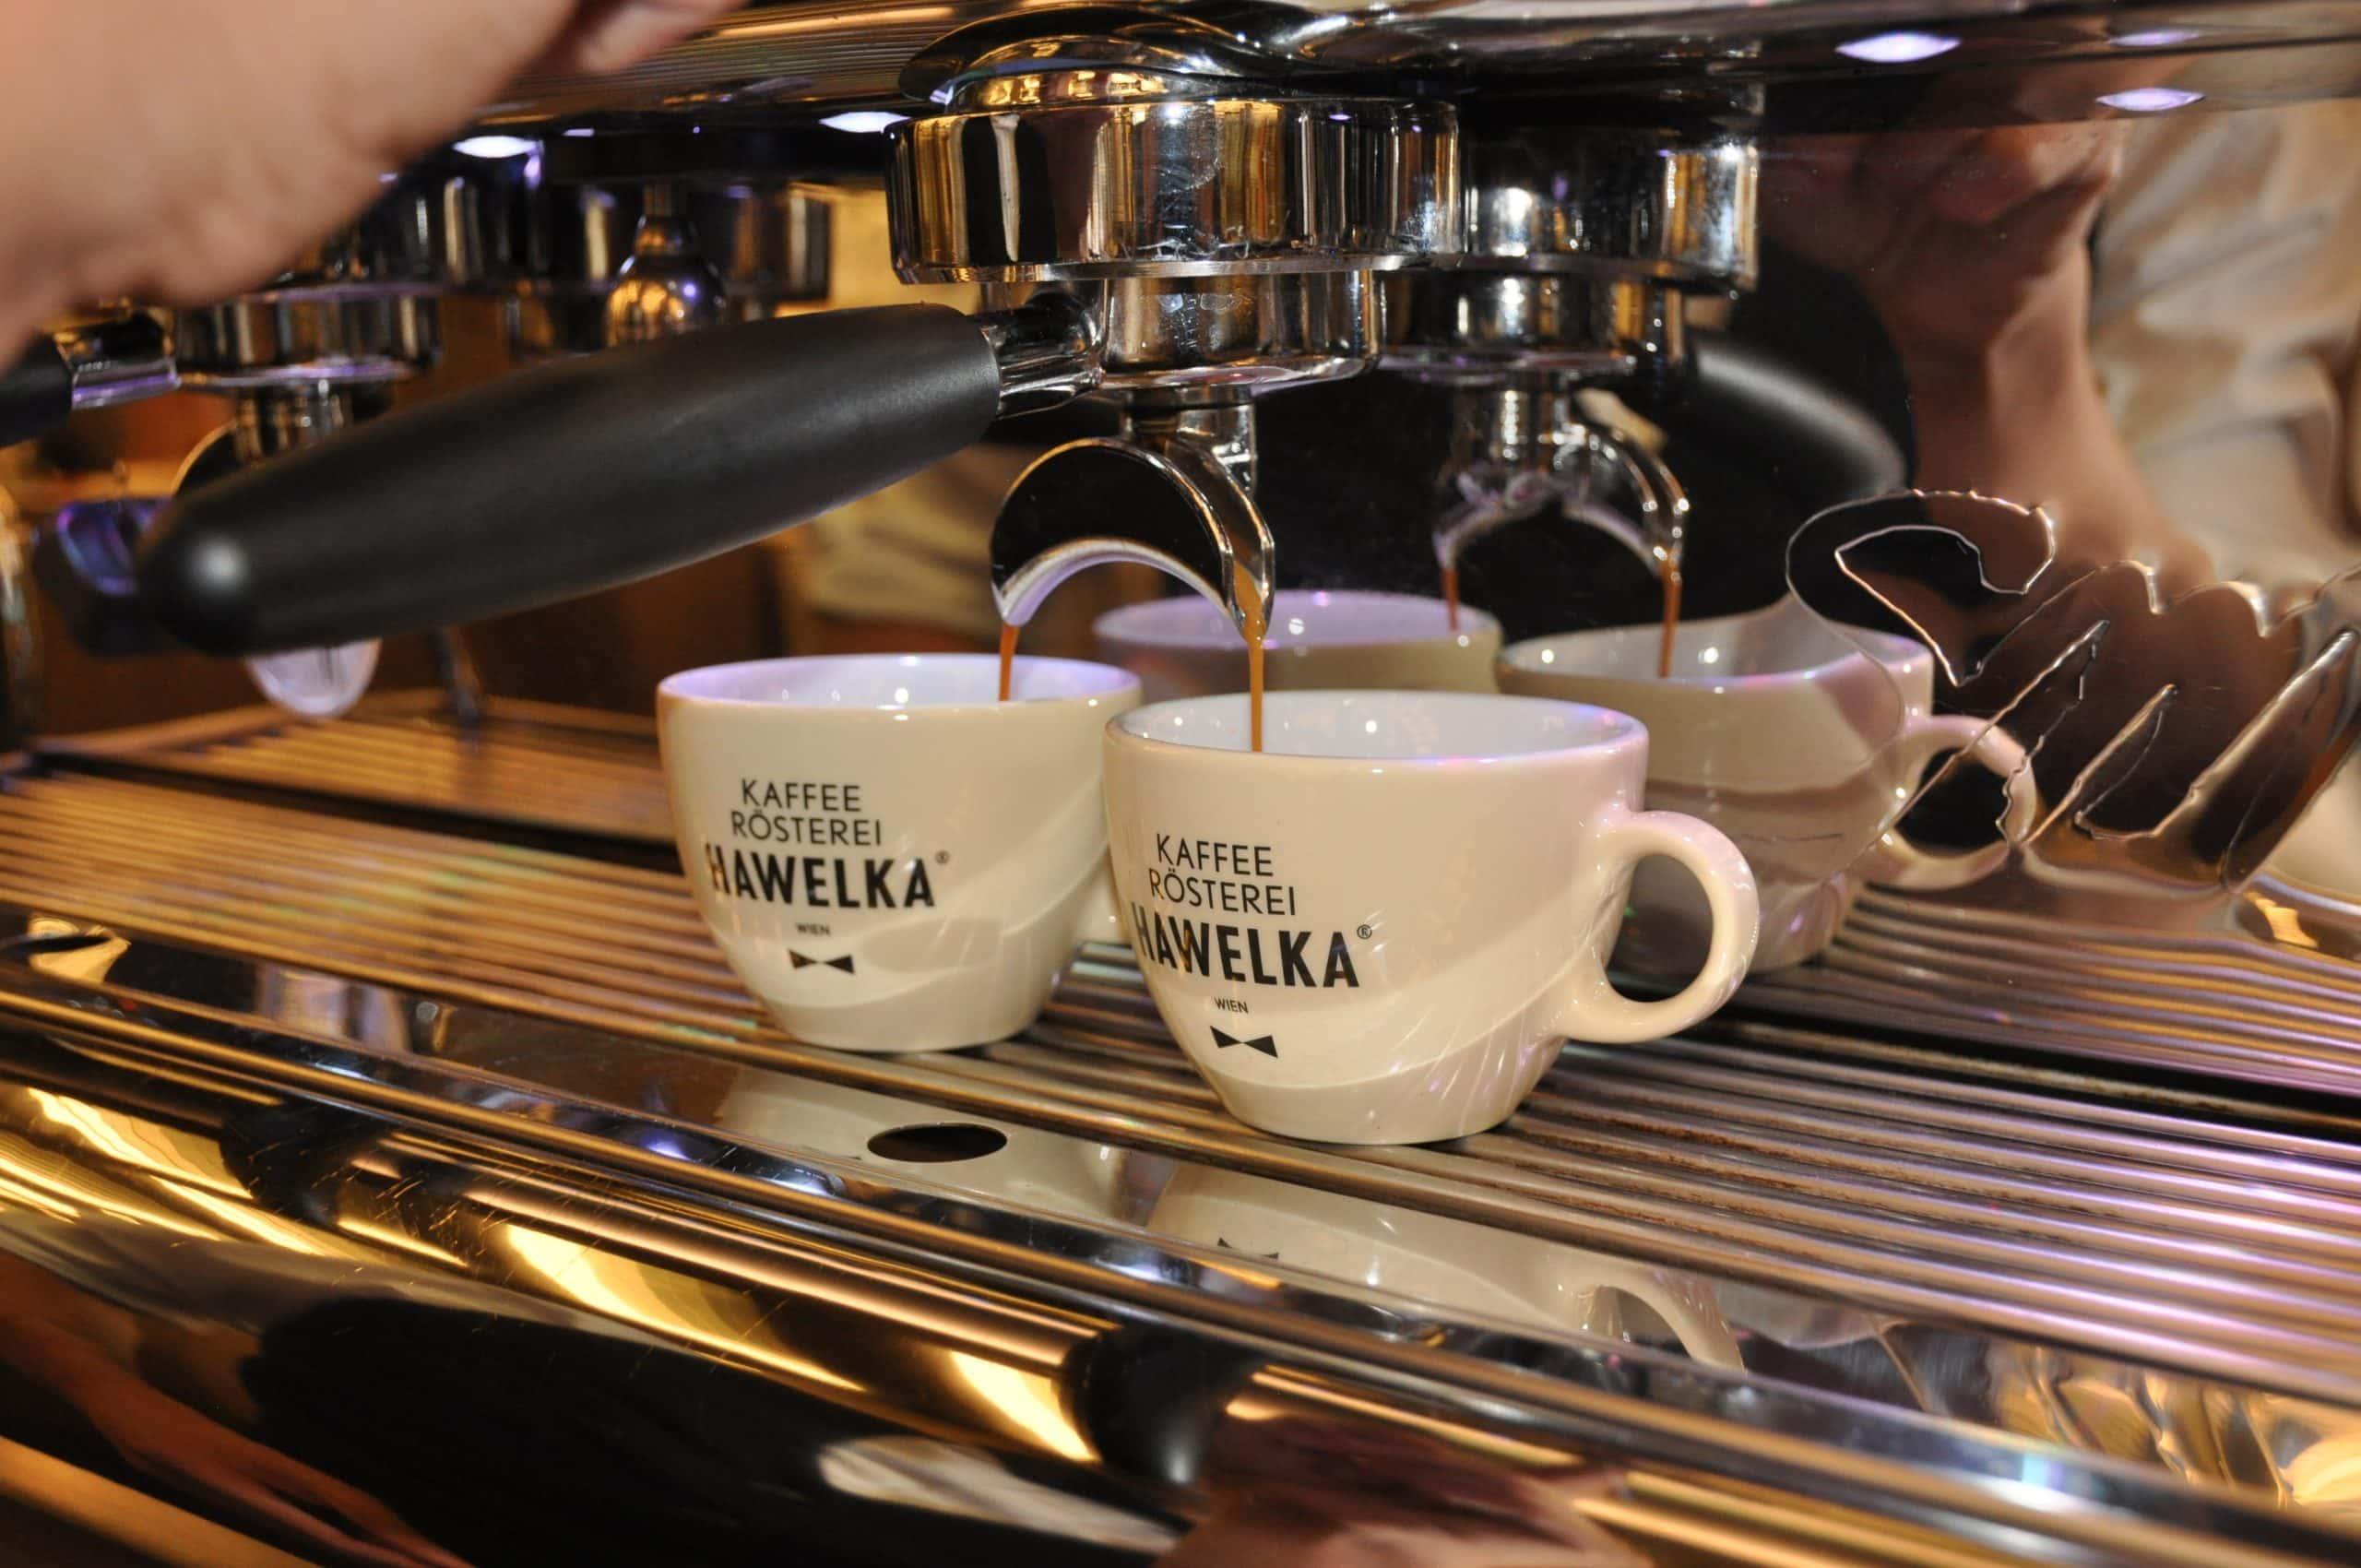 kaffee-kaffeemaschine-hawelka